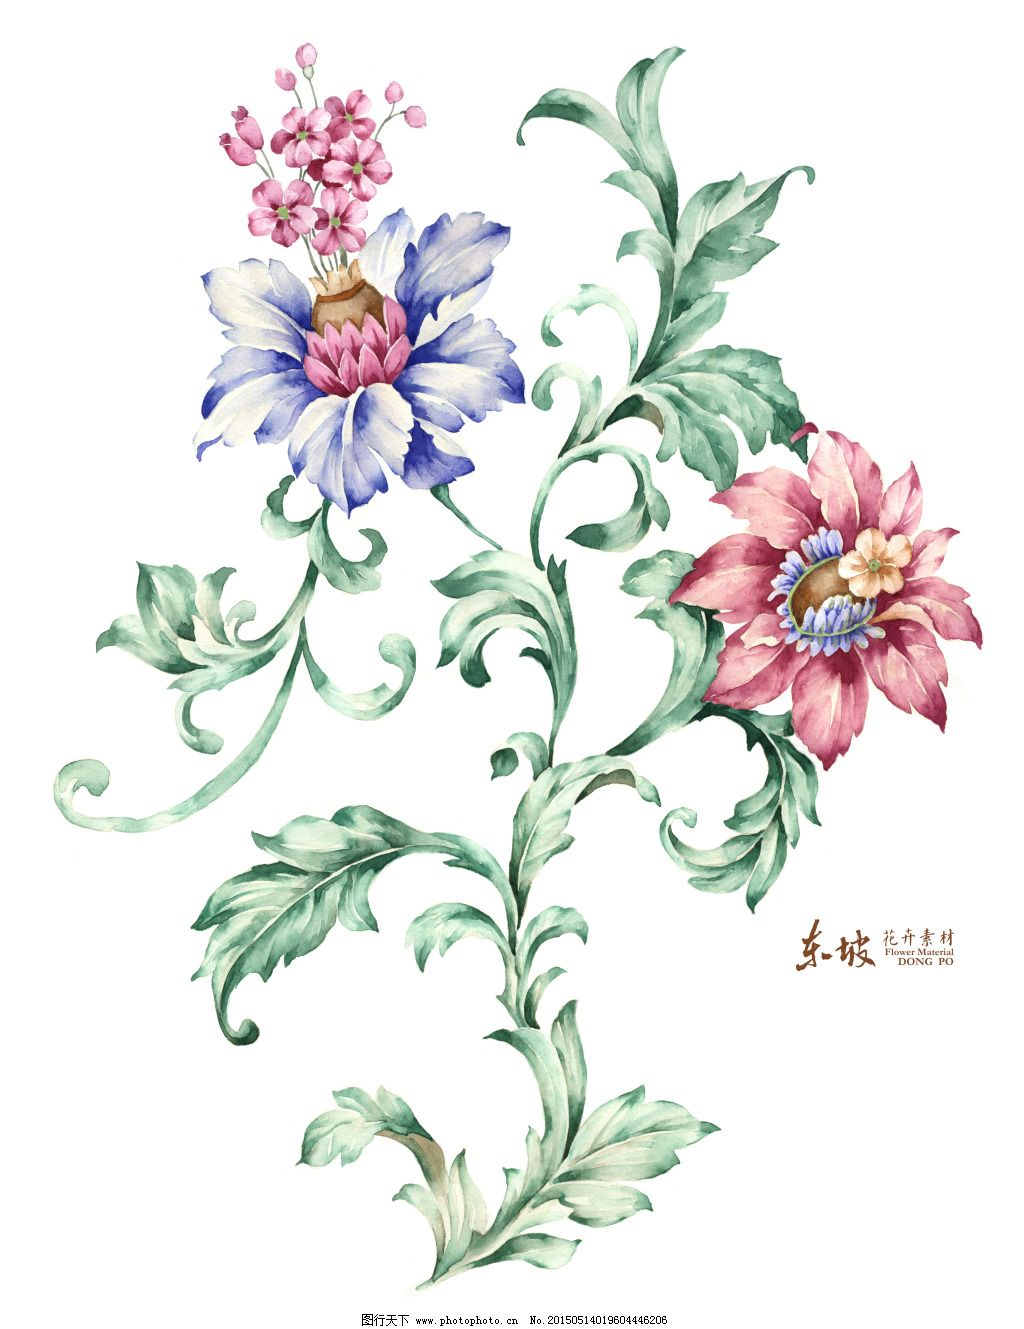 欧式手绘花卉免费下载 创意花卉 创意叶子 高清花卉 欧式花 创意花卉